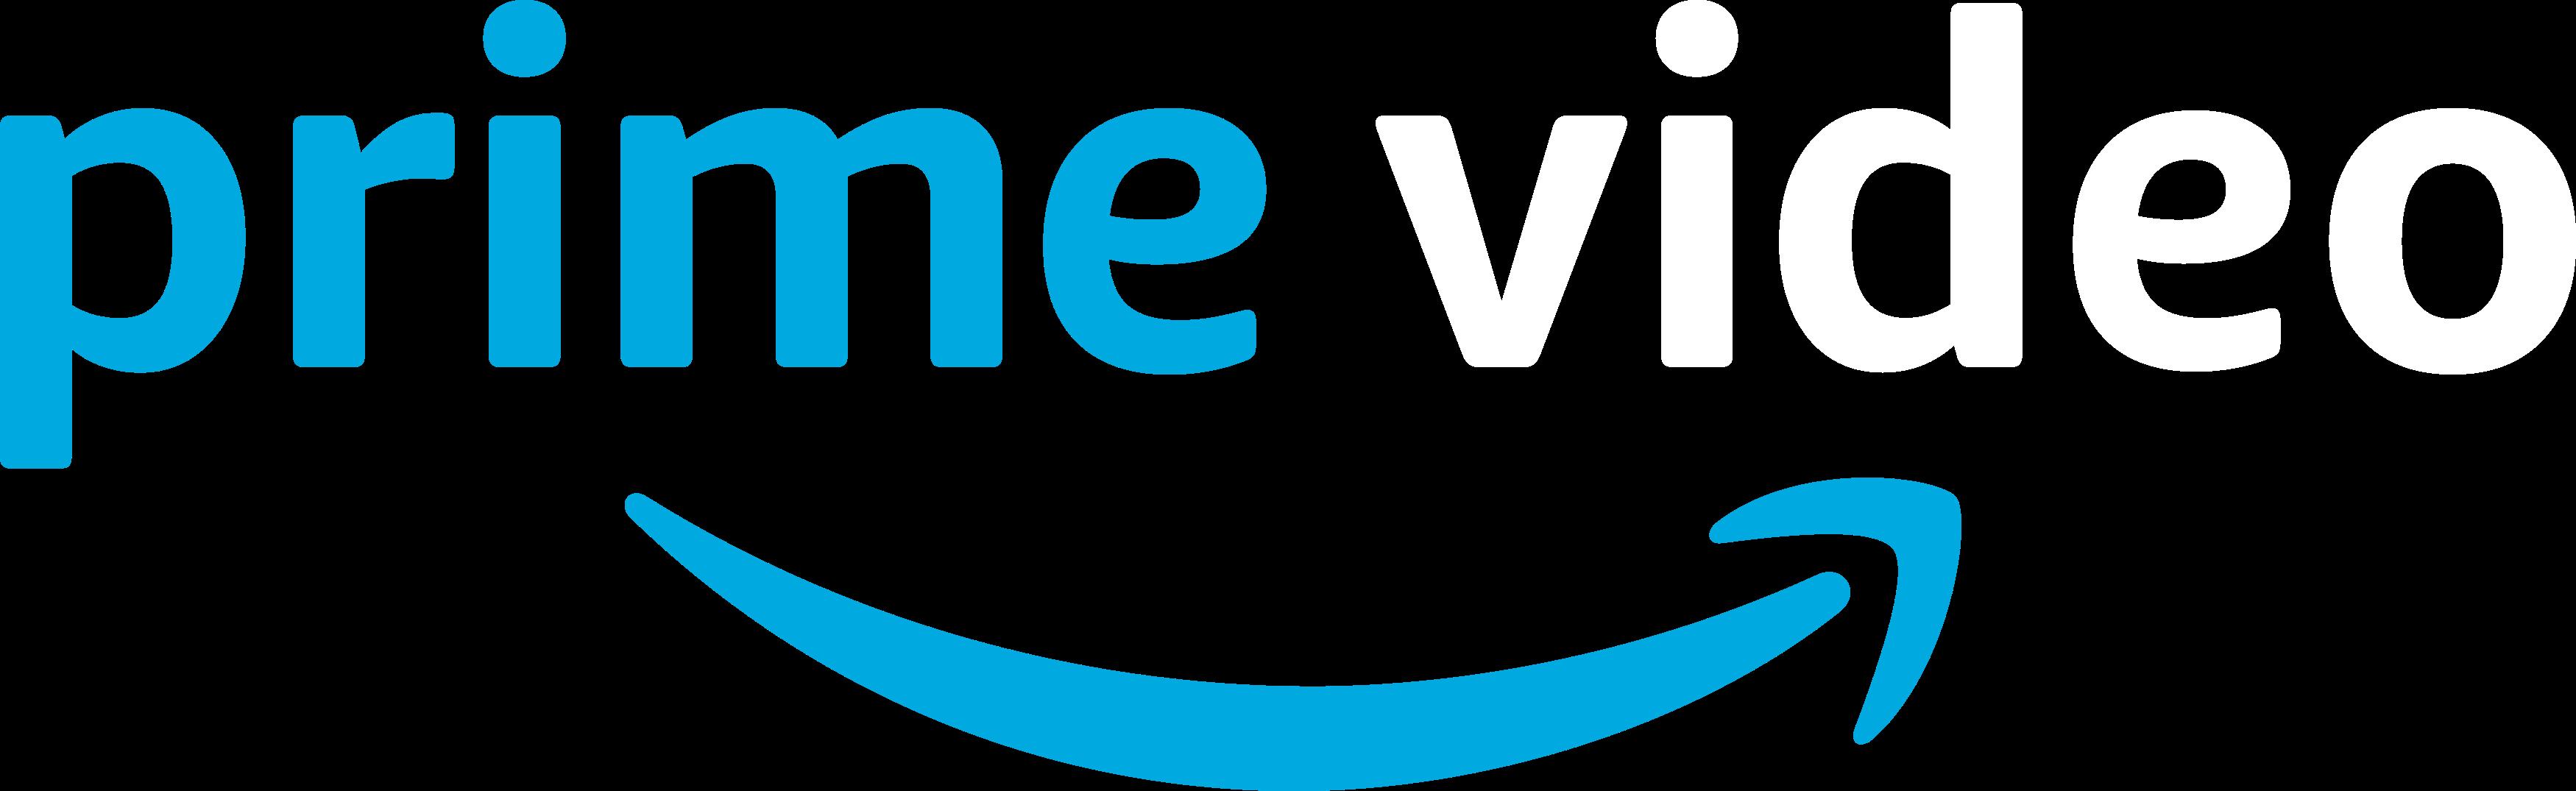 prime video 1 - Prime Video Logo